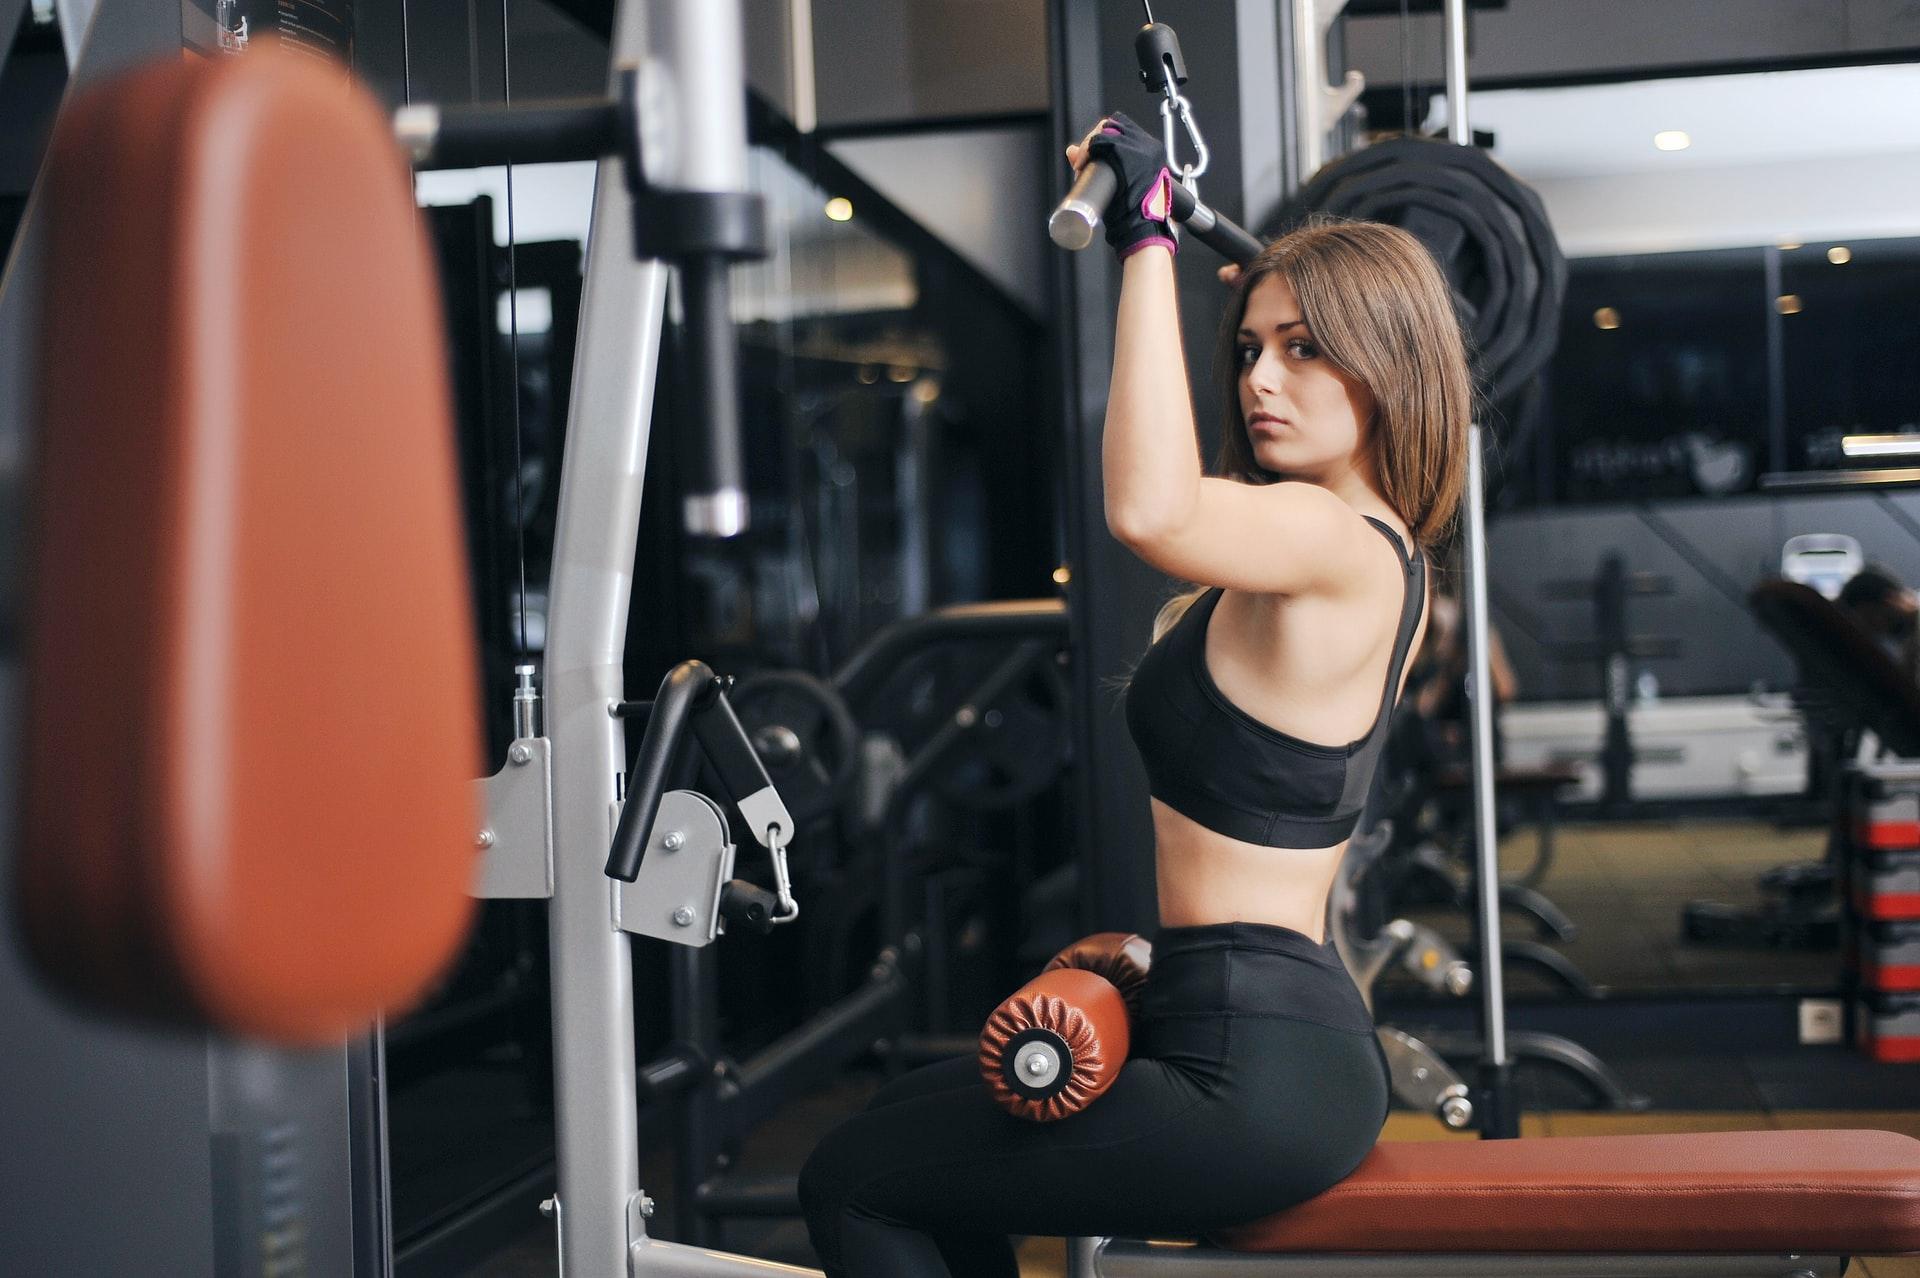 salle de sport avec une femme sur une machine